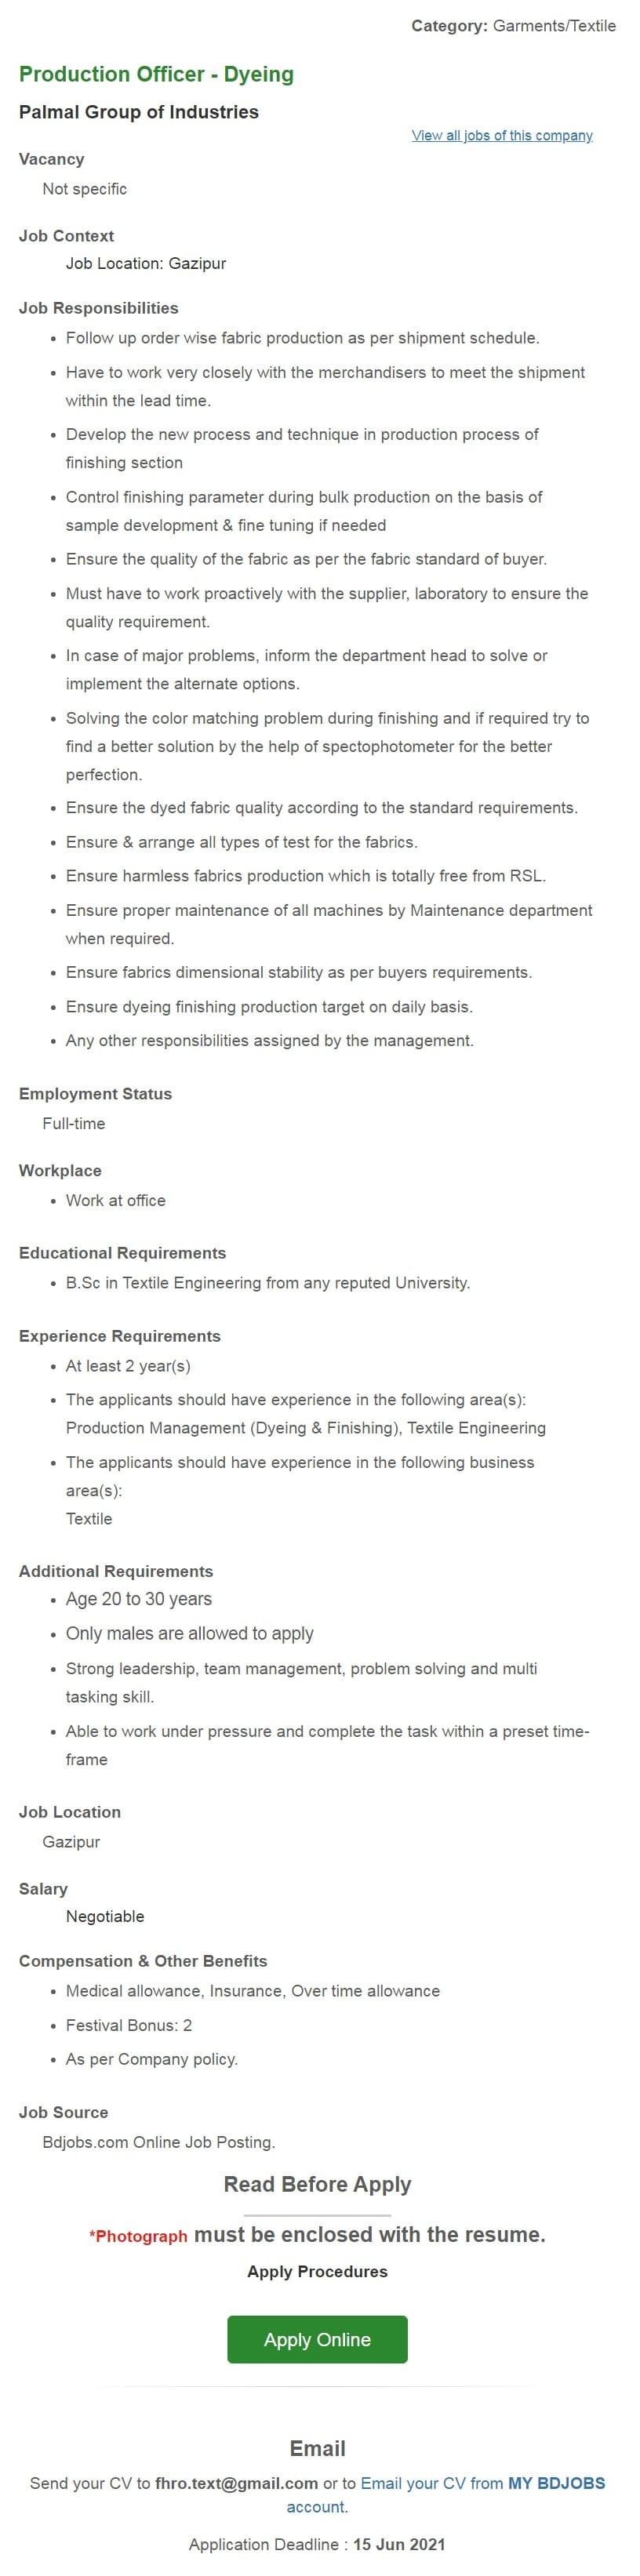 Palmal Group Job Circular